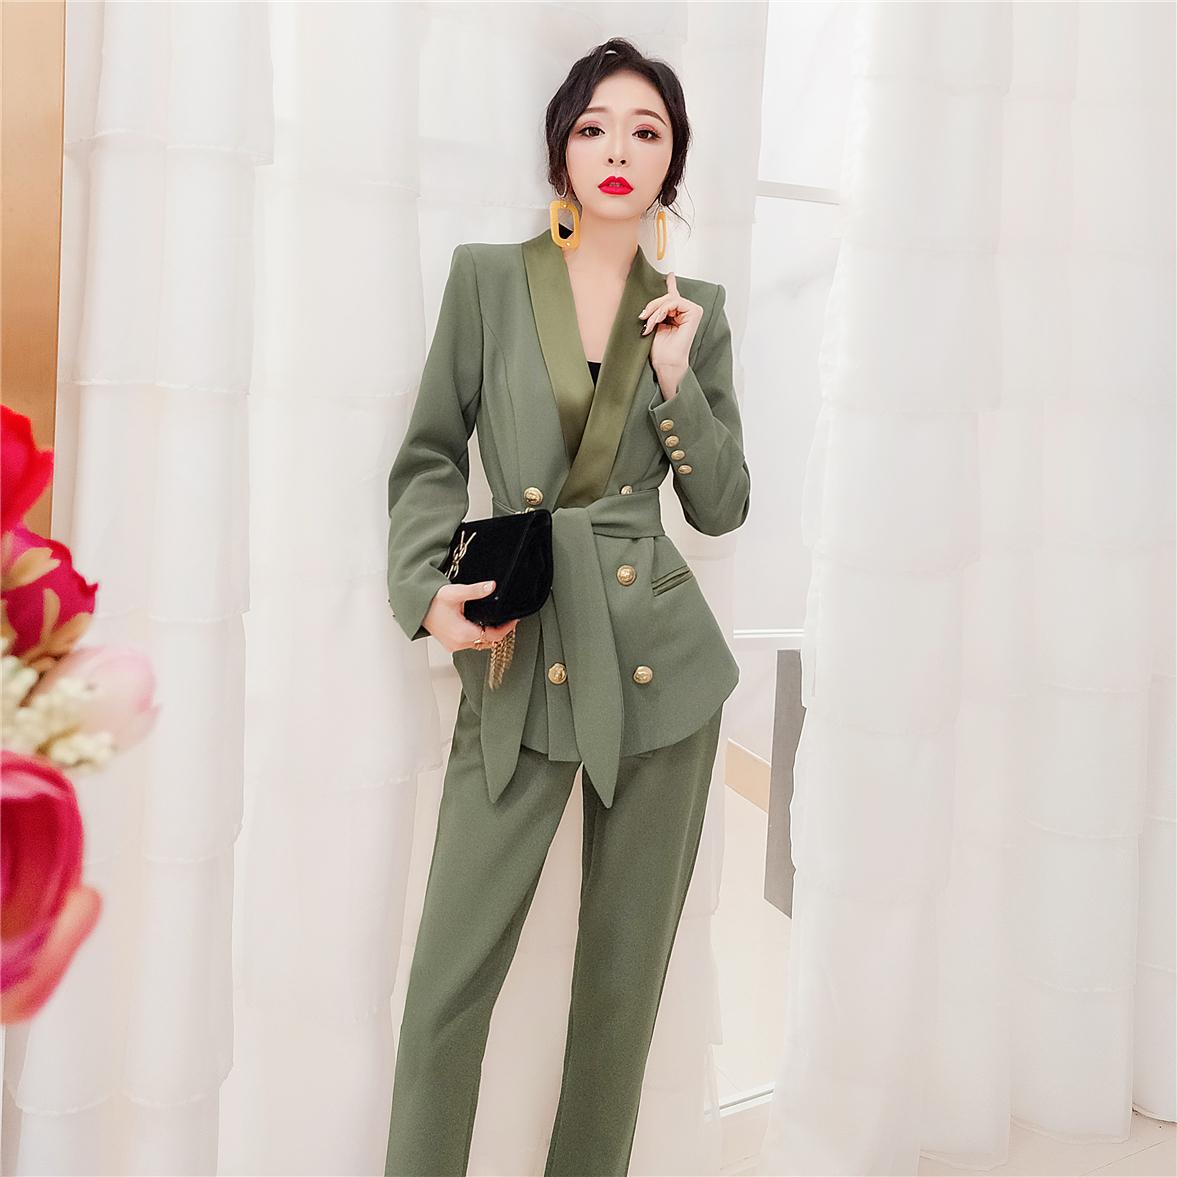 套装 韩衣女王西装套装女韩版2021新款秋装时尚职业套装洋气两件套气质_推荐淘宝好看的套装